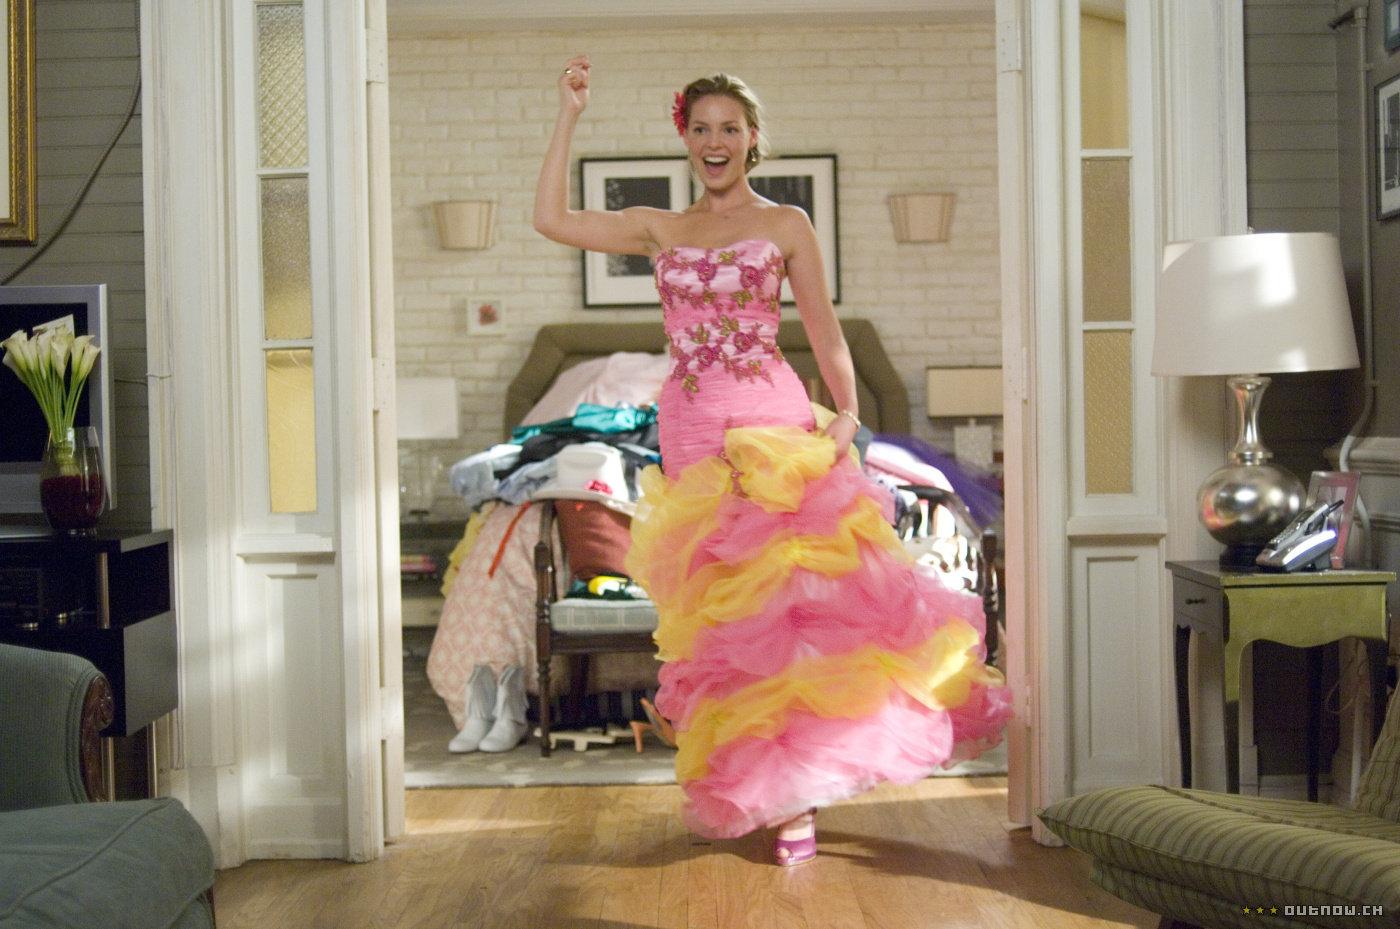 M: 27 Dresses (Widescreen Edition) 27 dresses movie photos